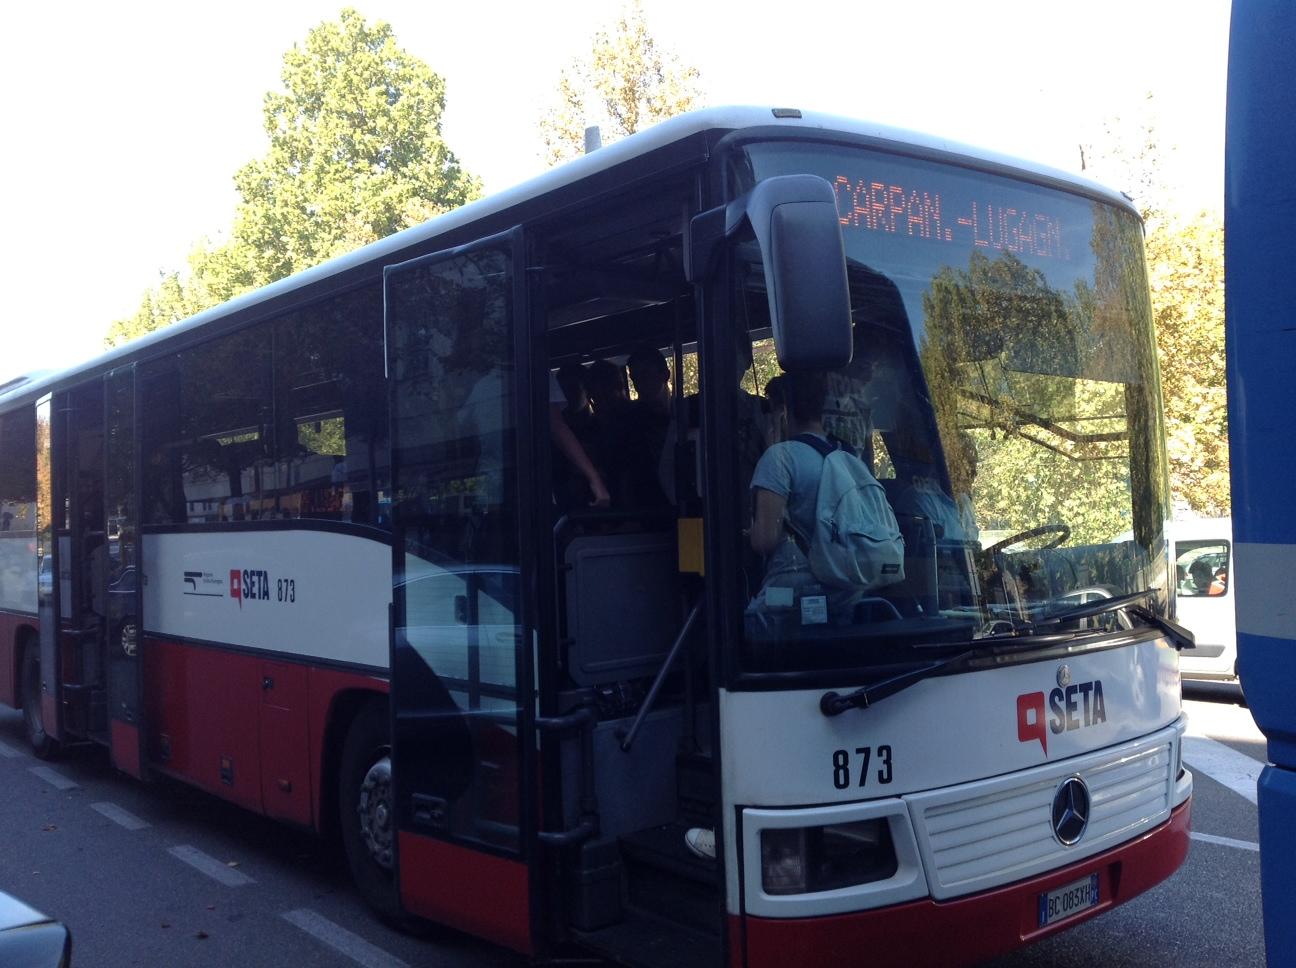 Autobus, 13 milioni di passeggeri nel 2016. In arrivo nuovi mezzi e telecamere